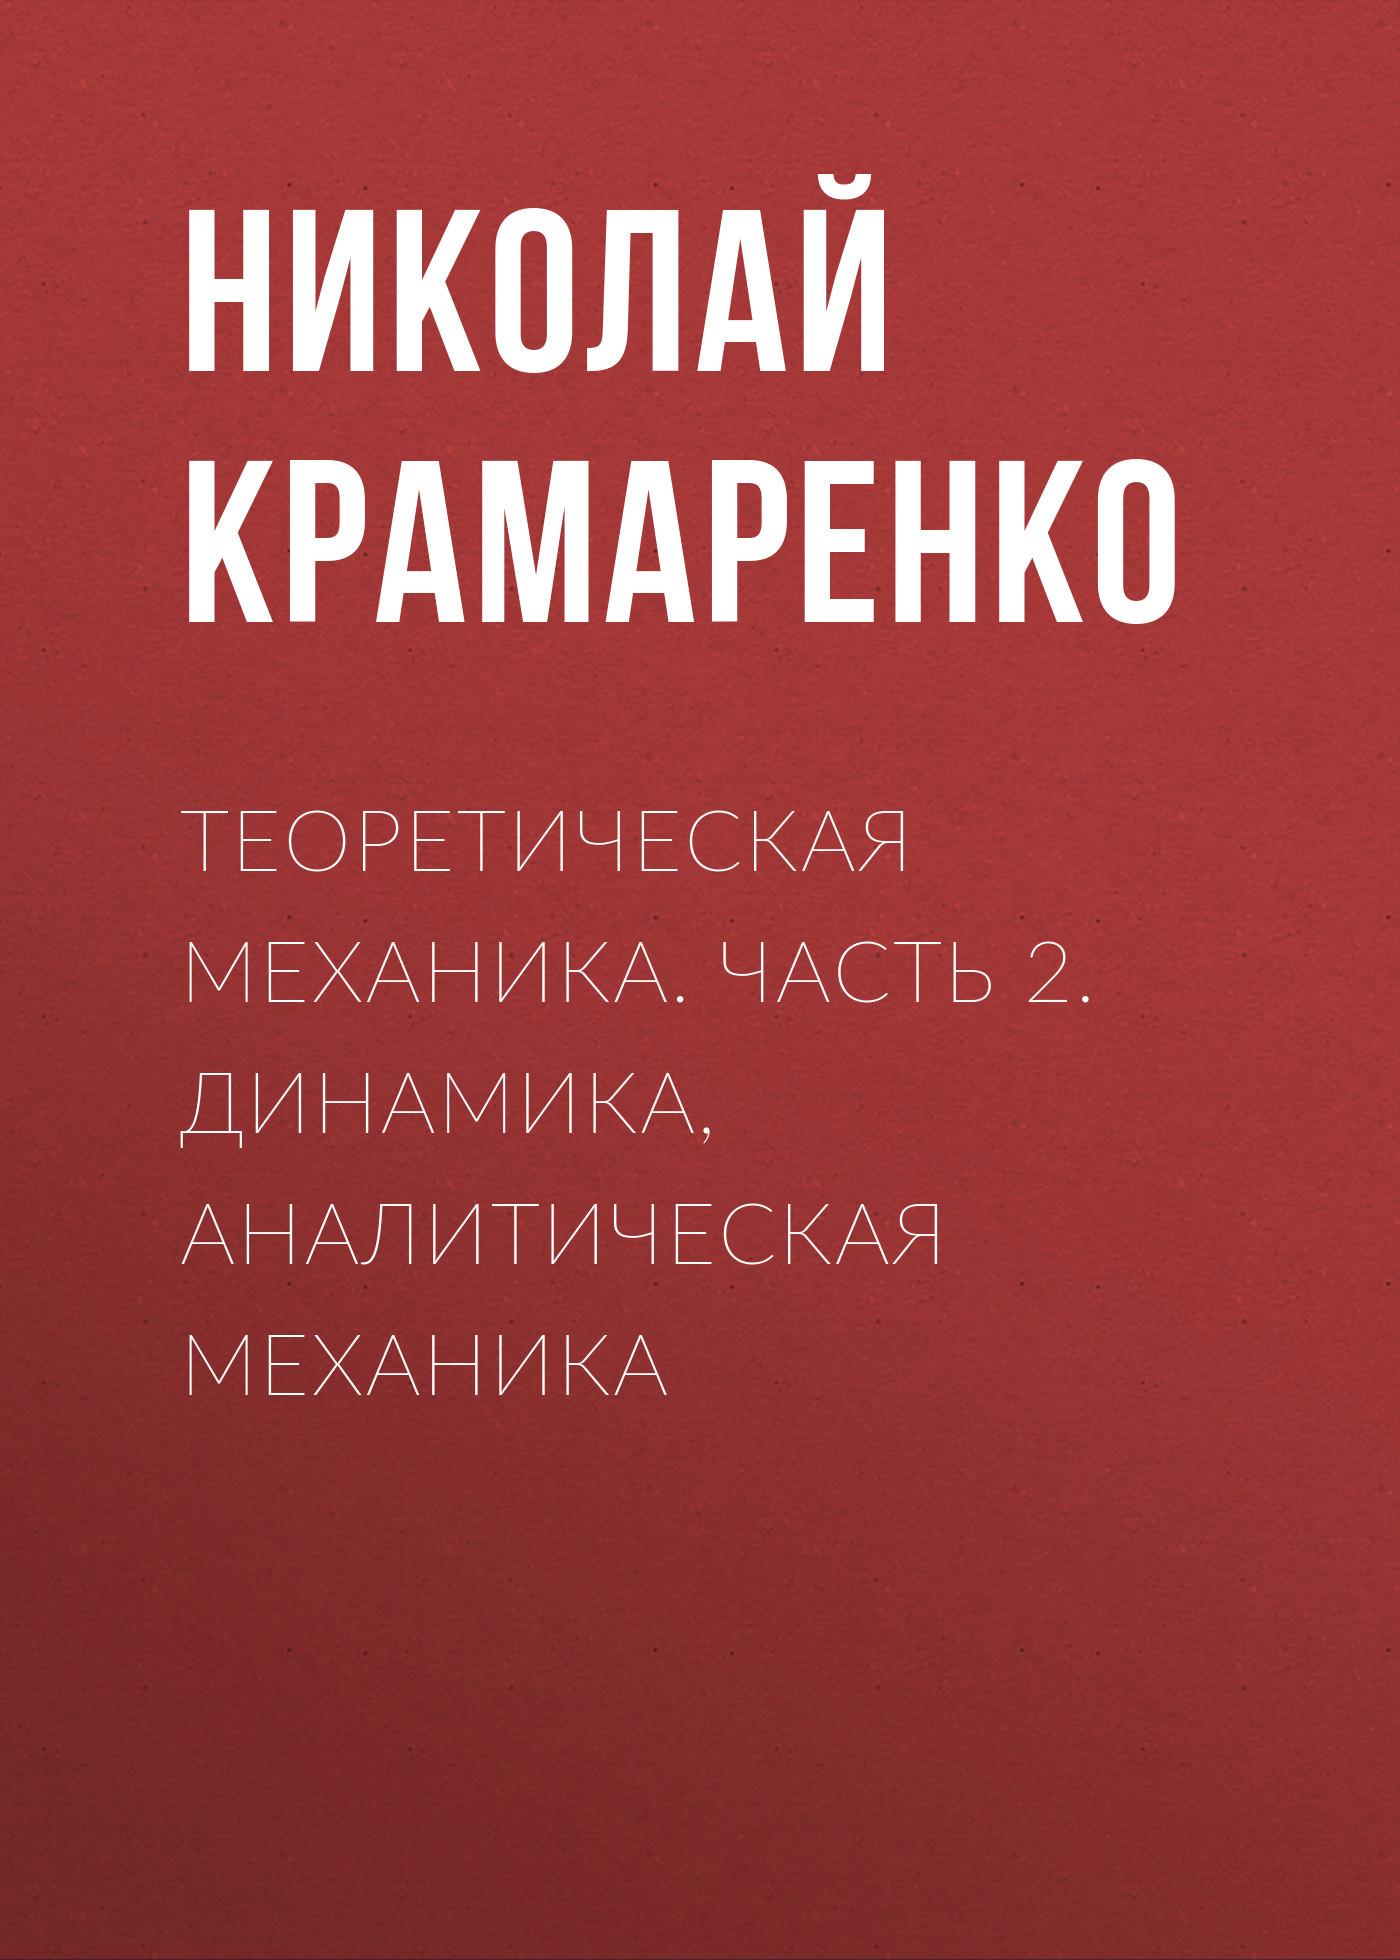 Николай Крамаренко Теоретическая механика. Часть 2. Динамика, аналитическая механика